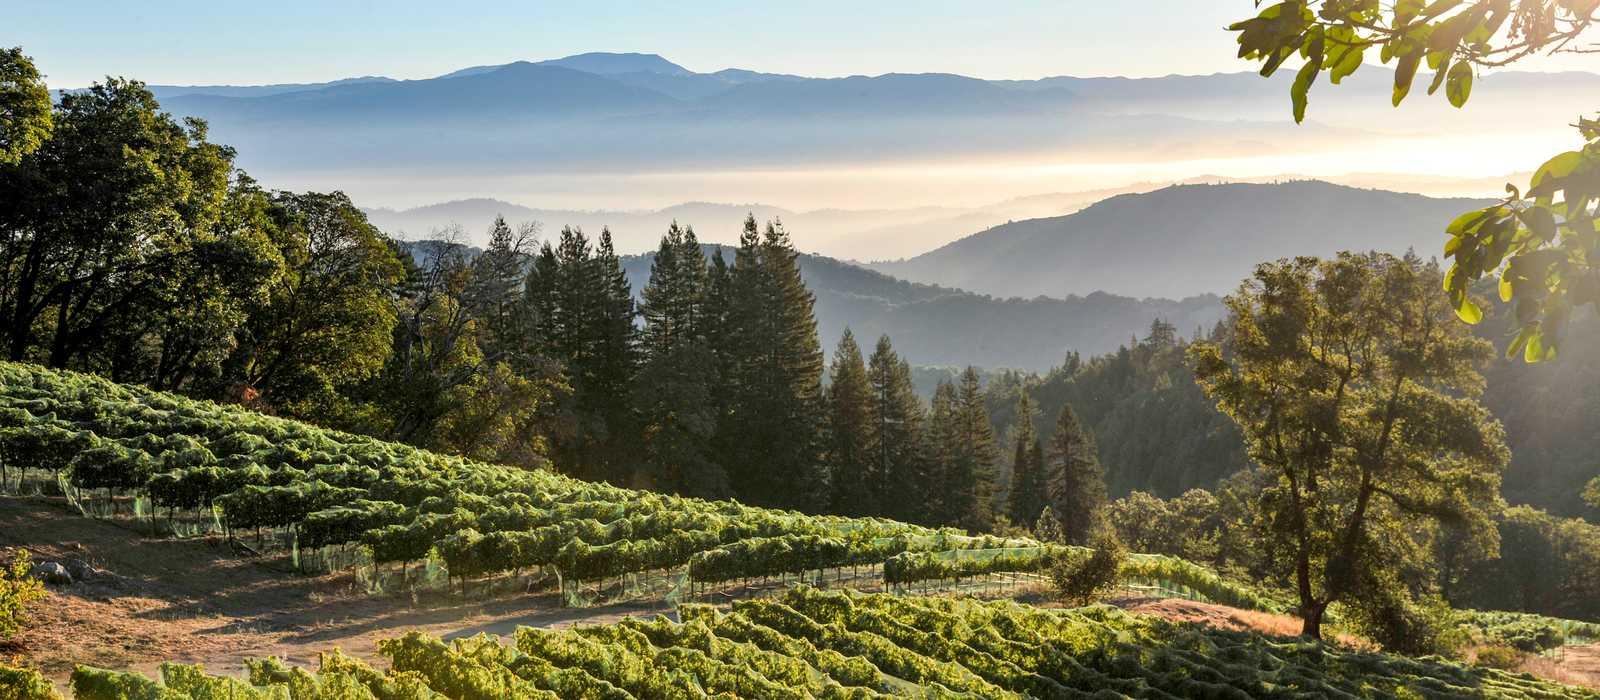 Ein Weinhang des Dry Creek Valleys im kalifornischen Sonoma County